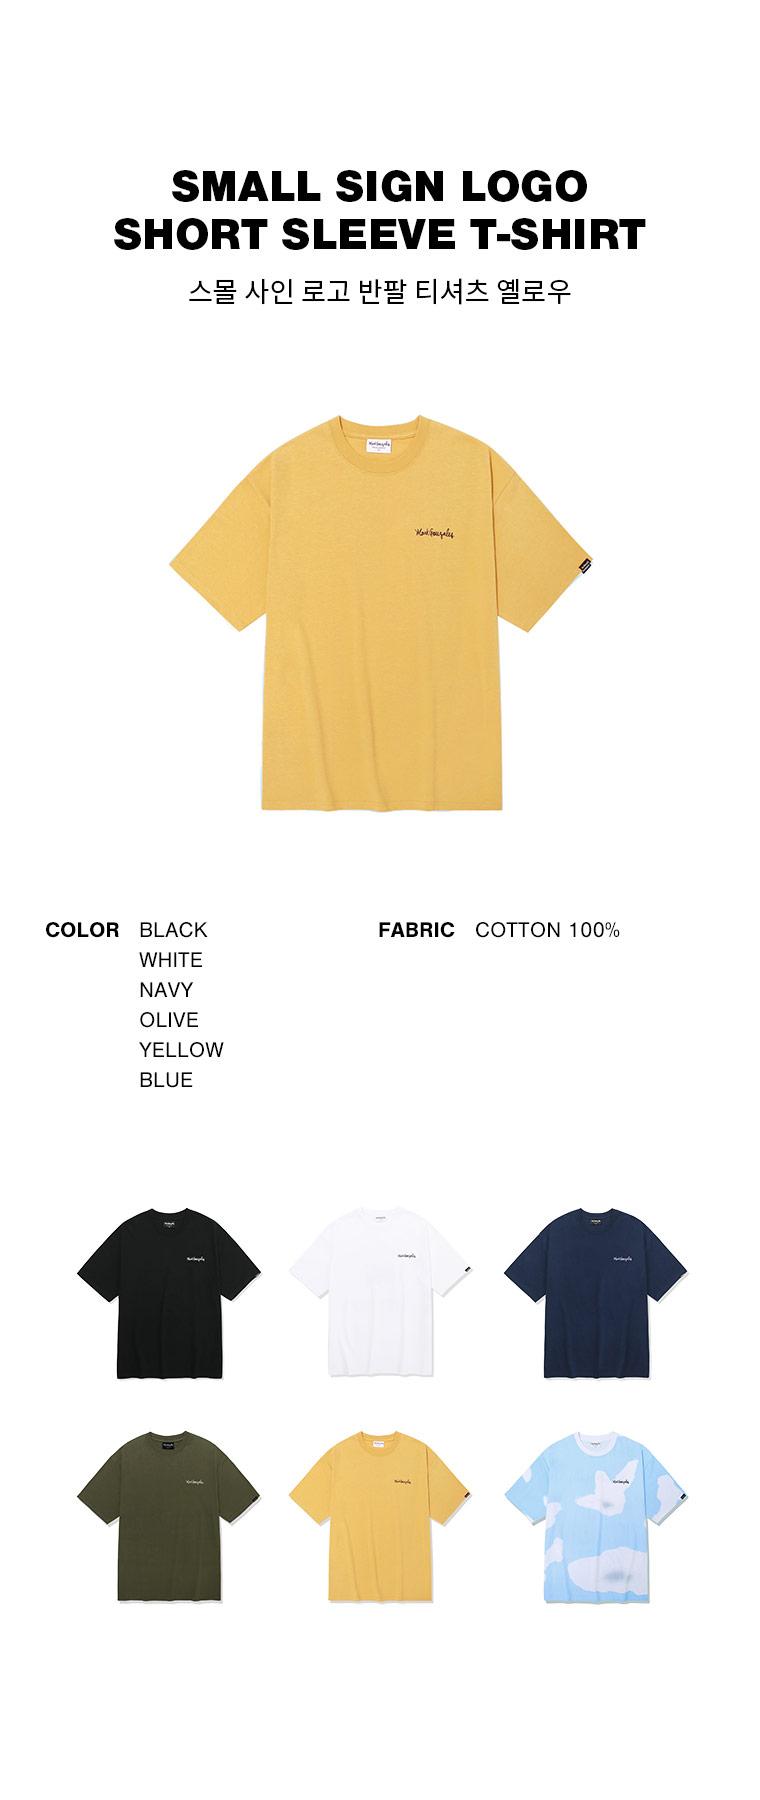 마크 곤잘레스(MARK GONZALES) 스몰 사인로고 반팔 티셔츠 옐로우